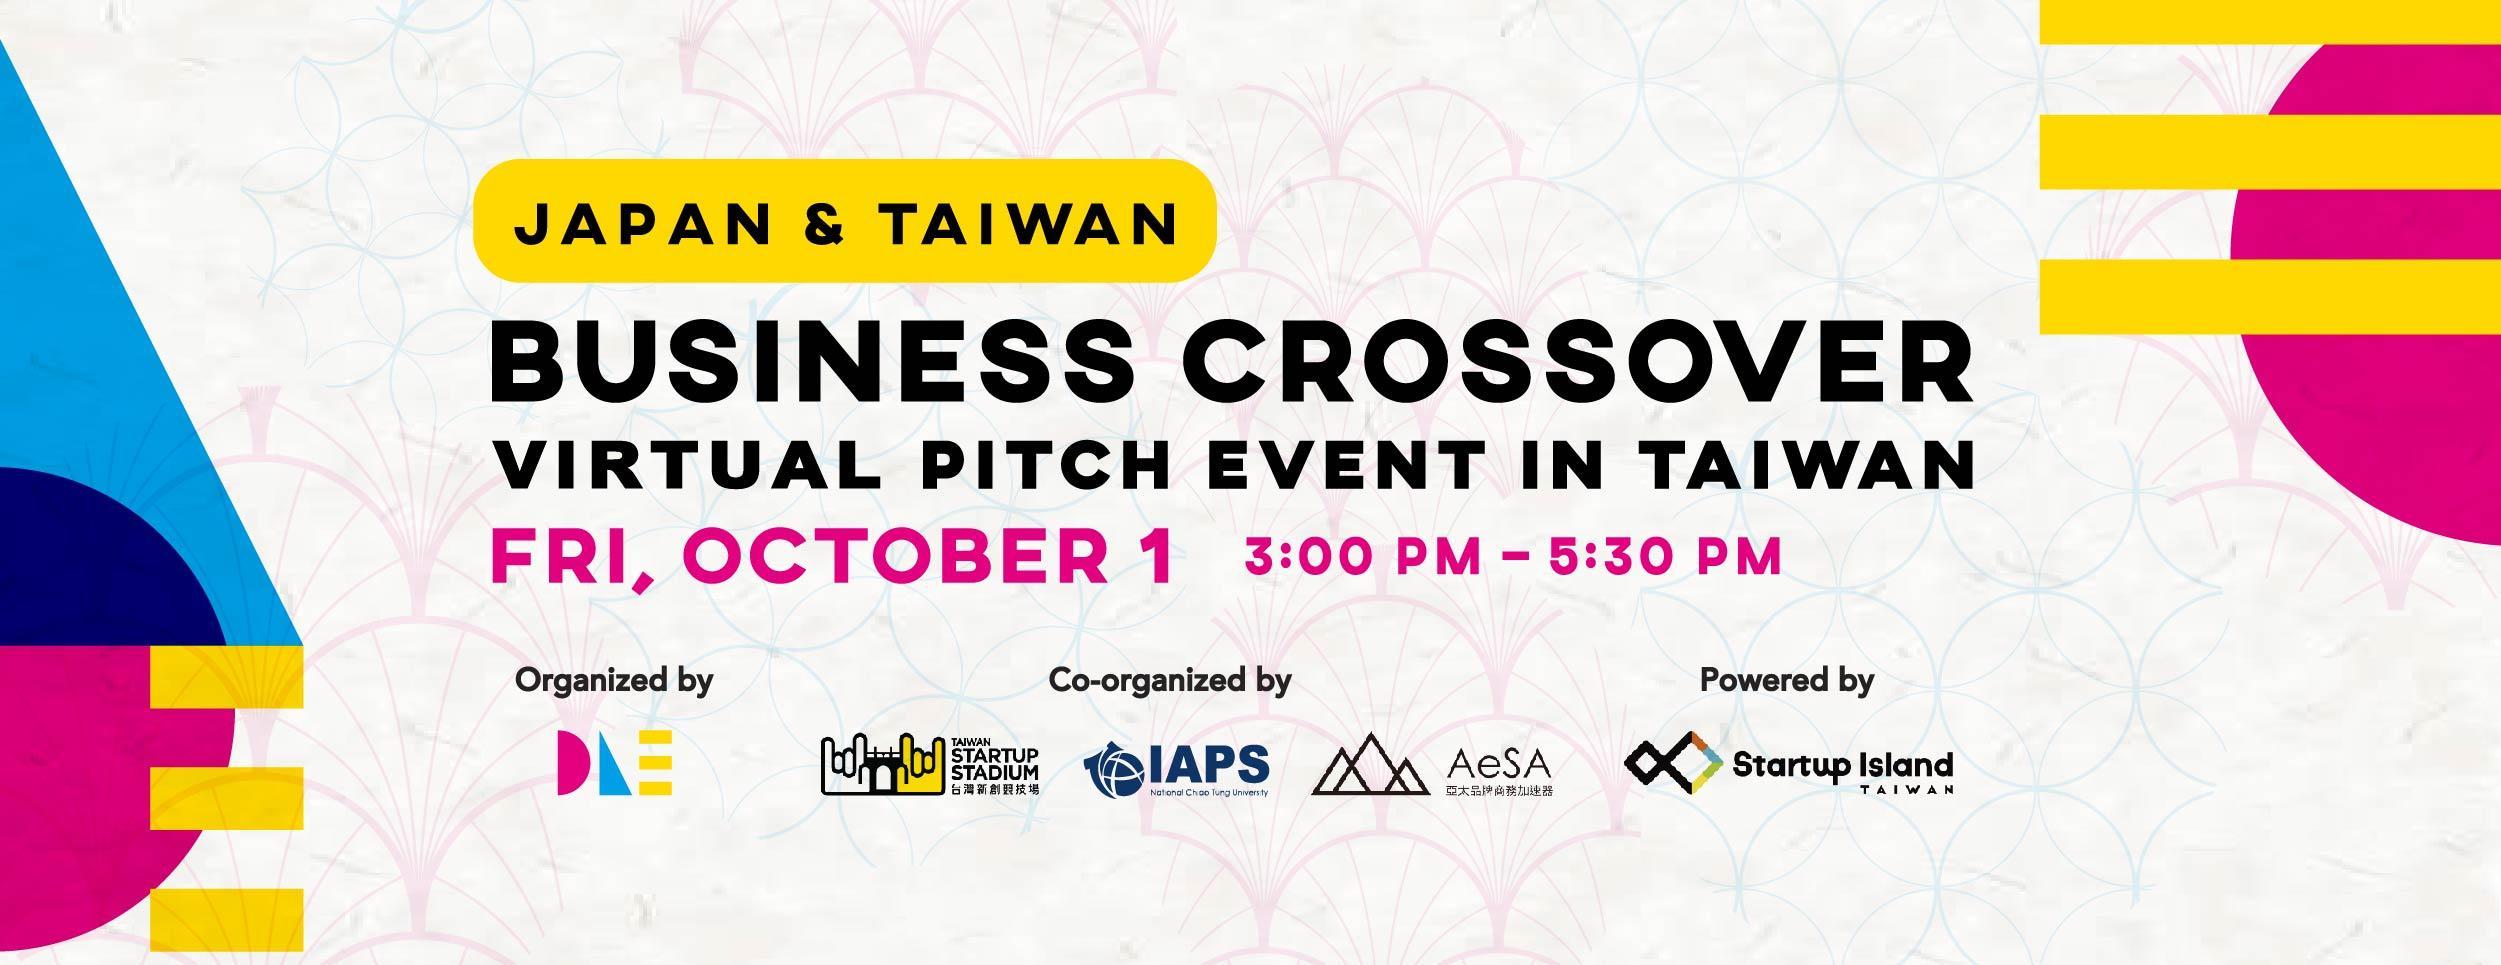 日本と世界の懸け橋となるビジネスクロスオーバープロジェクト「Business Crossover Virtual Pitch Event」を台湾で開催!優れた台湾企業の日本進出をサポート!